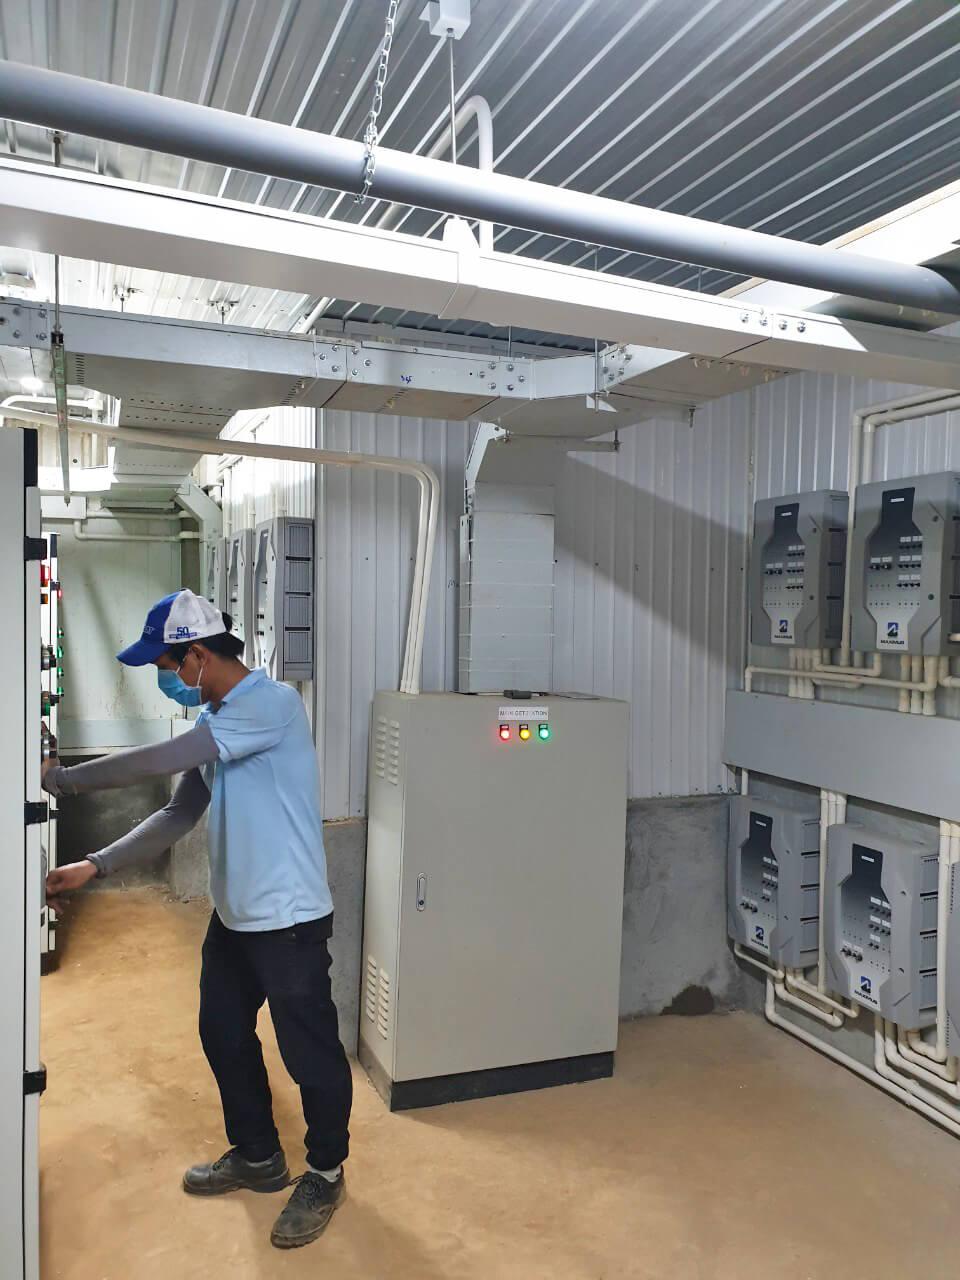 Cung cấp tủ điều khiển cho dự án trại heo Bình Phước